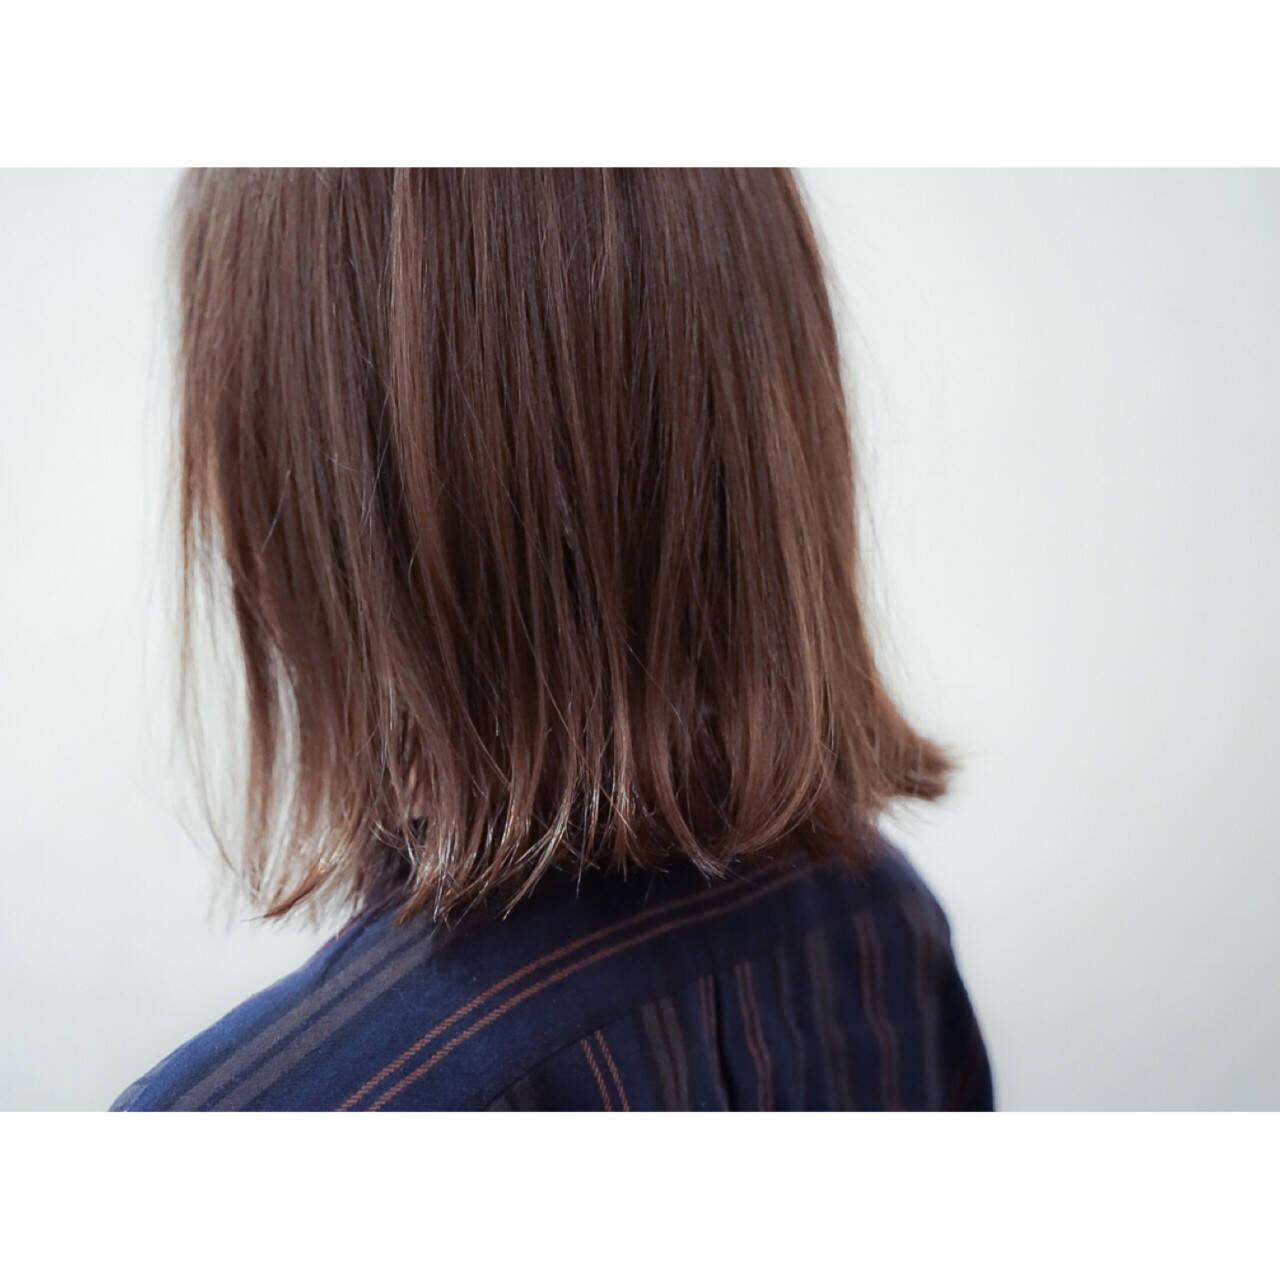 ハイライト ナチュラル 外国人風 大人かわいいヘアスタイルや髪型の写真・画像